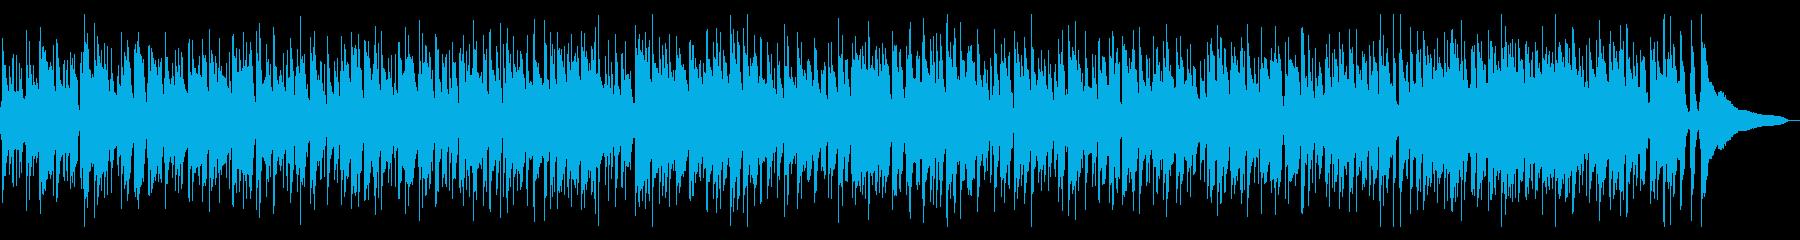 ボサノバ風の静かでゆったりとしたサウンドの再生済みの波形